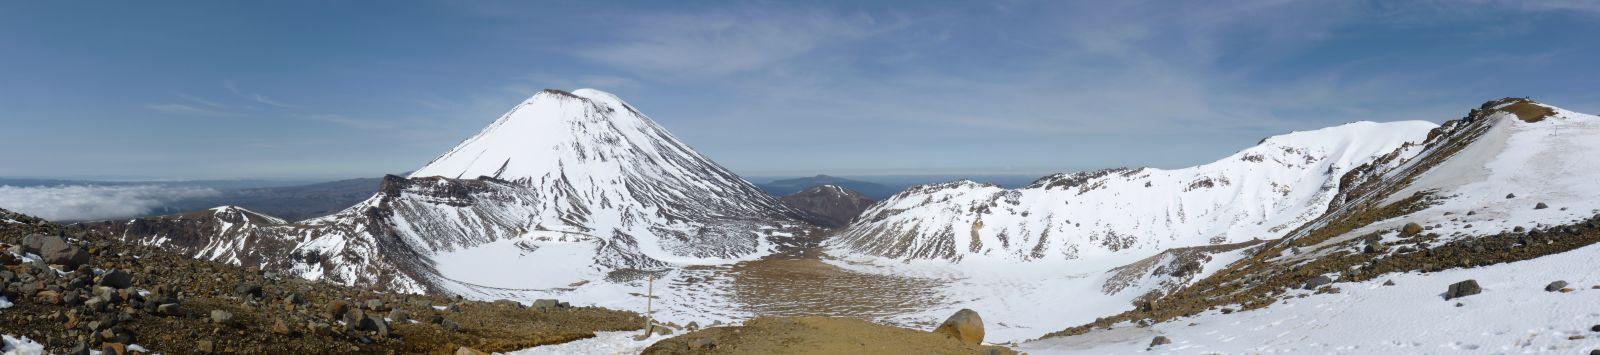 tongariro-alpine-crossing-6